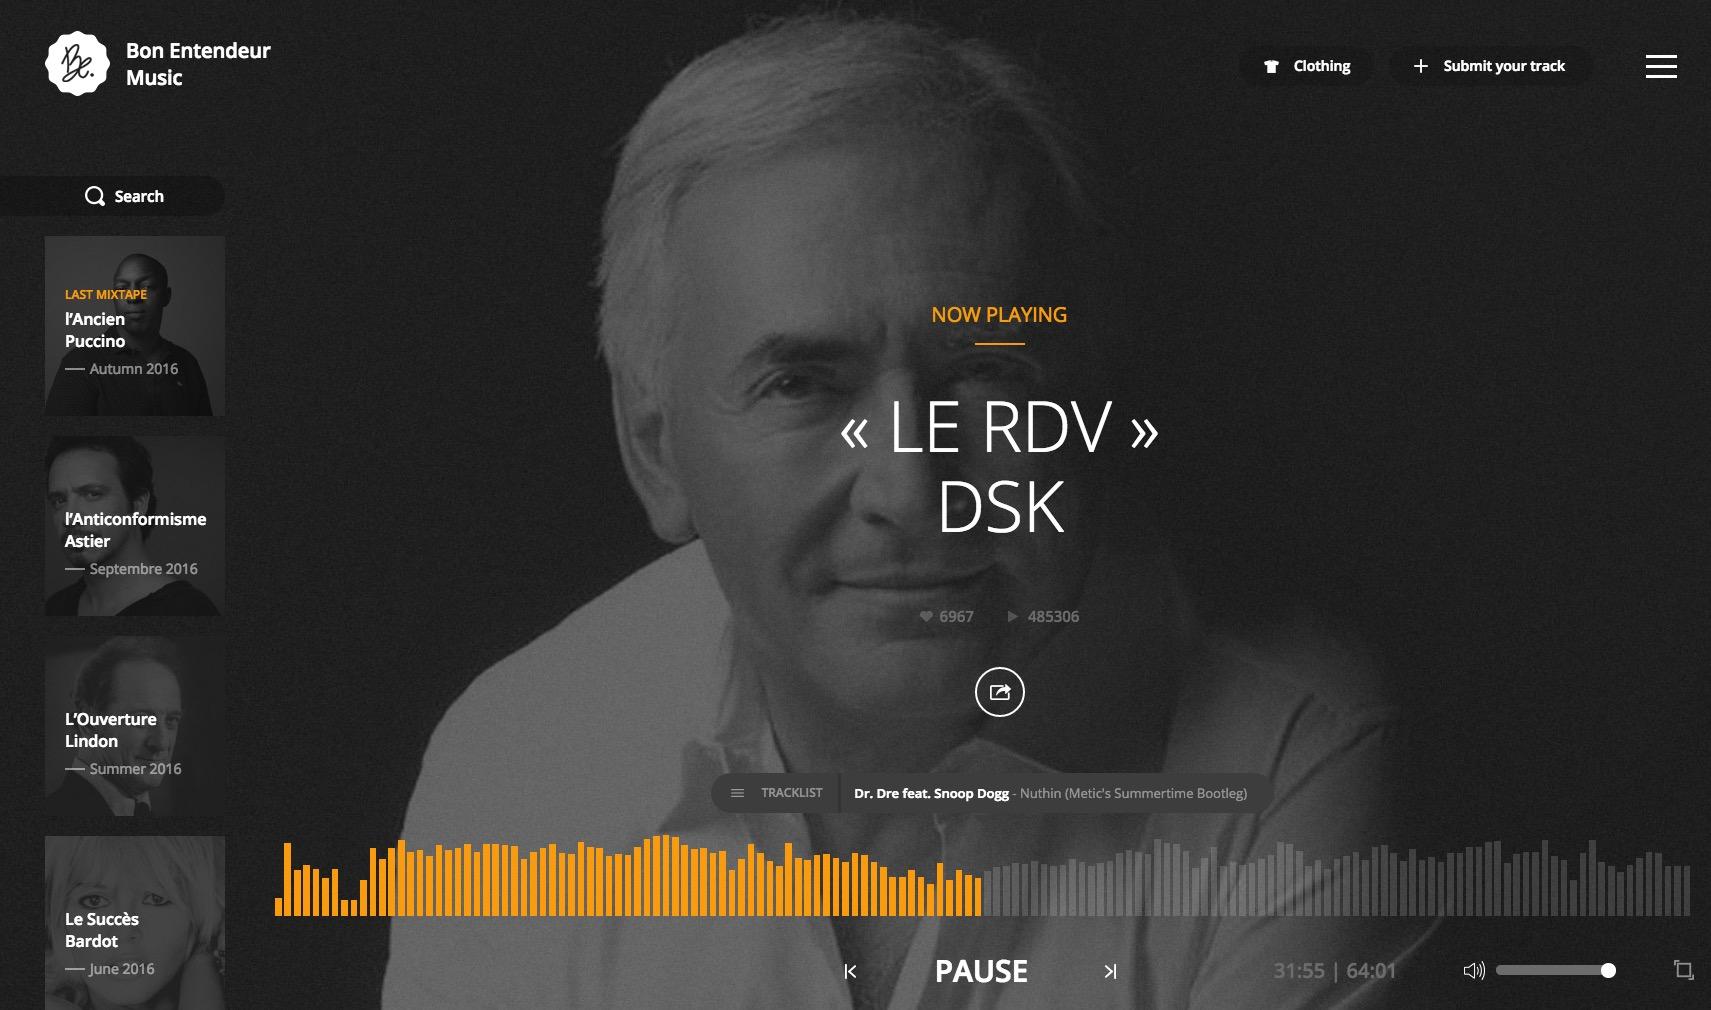 Bon entendeur : Mix musique electronique